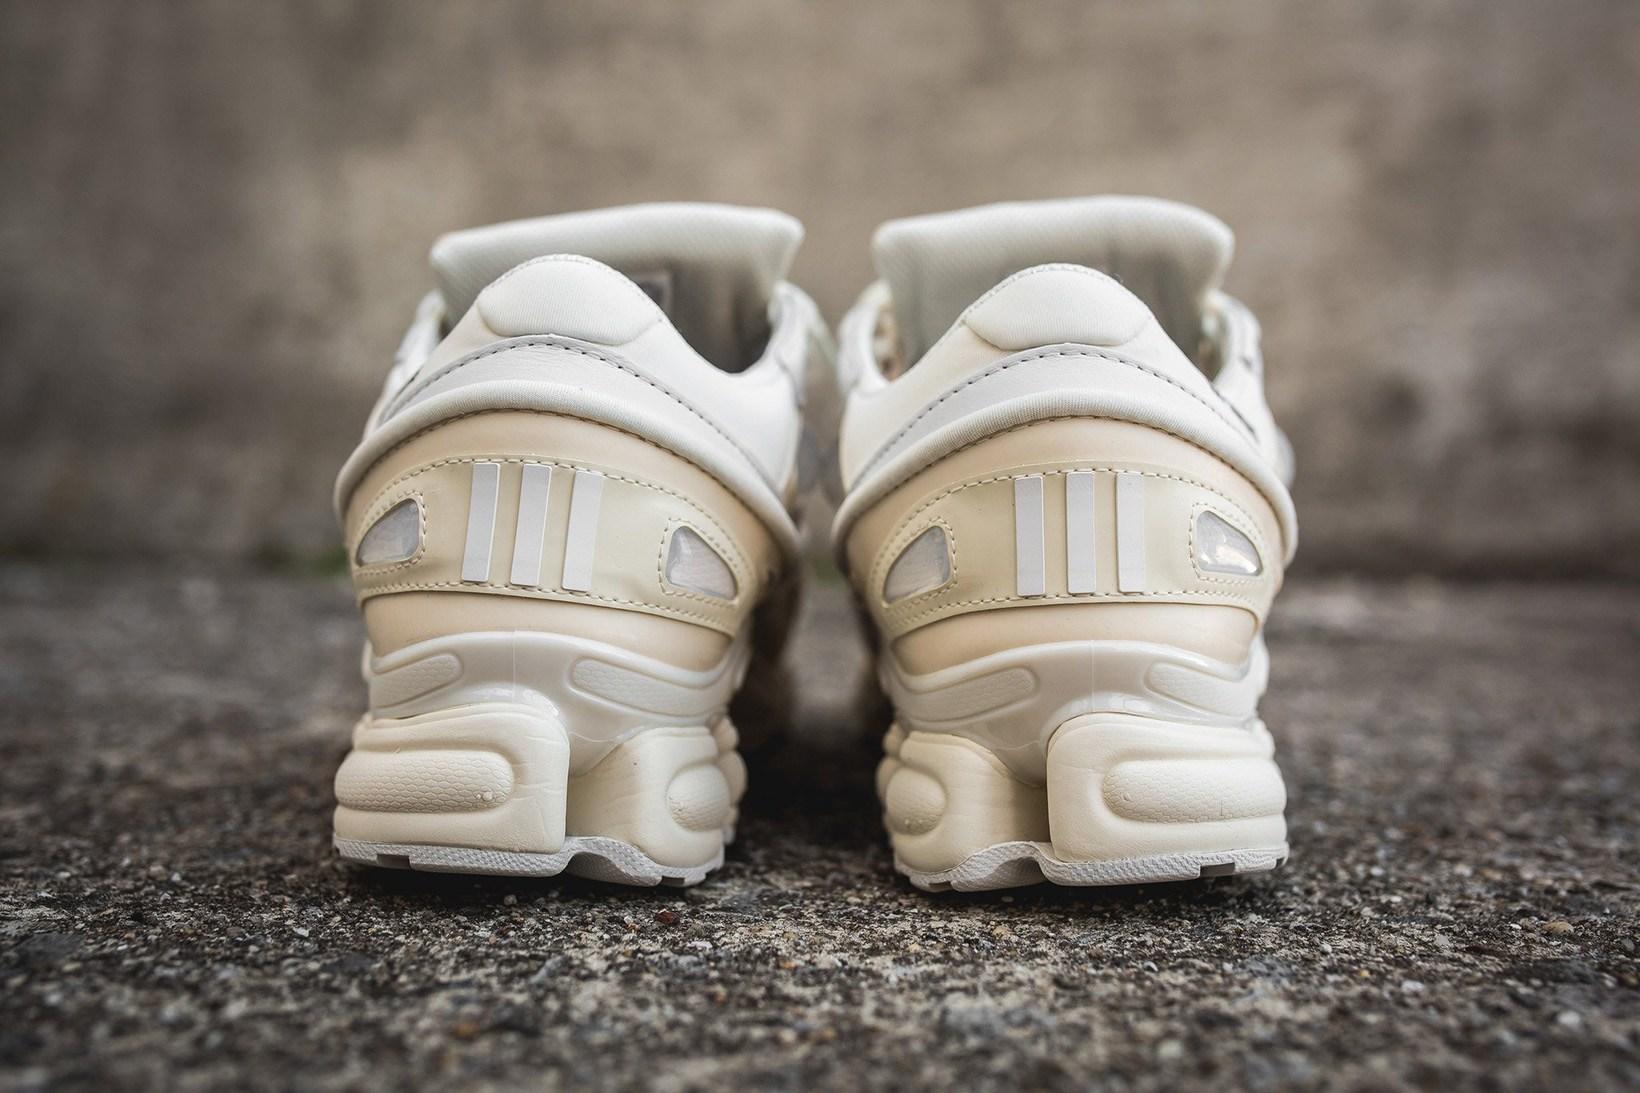 adidas-raf-simons-ozweego-bunny-cream-4